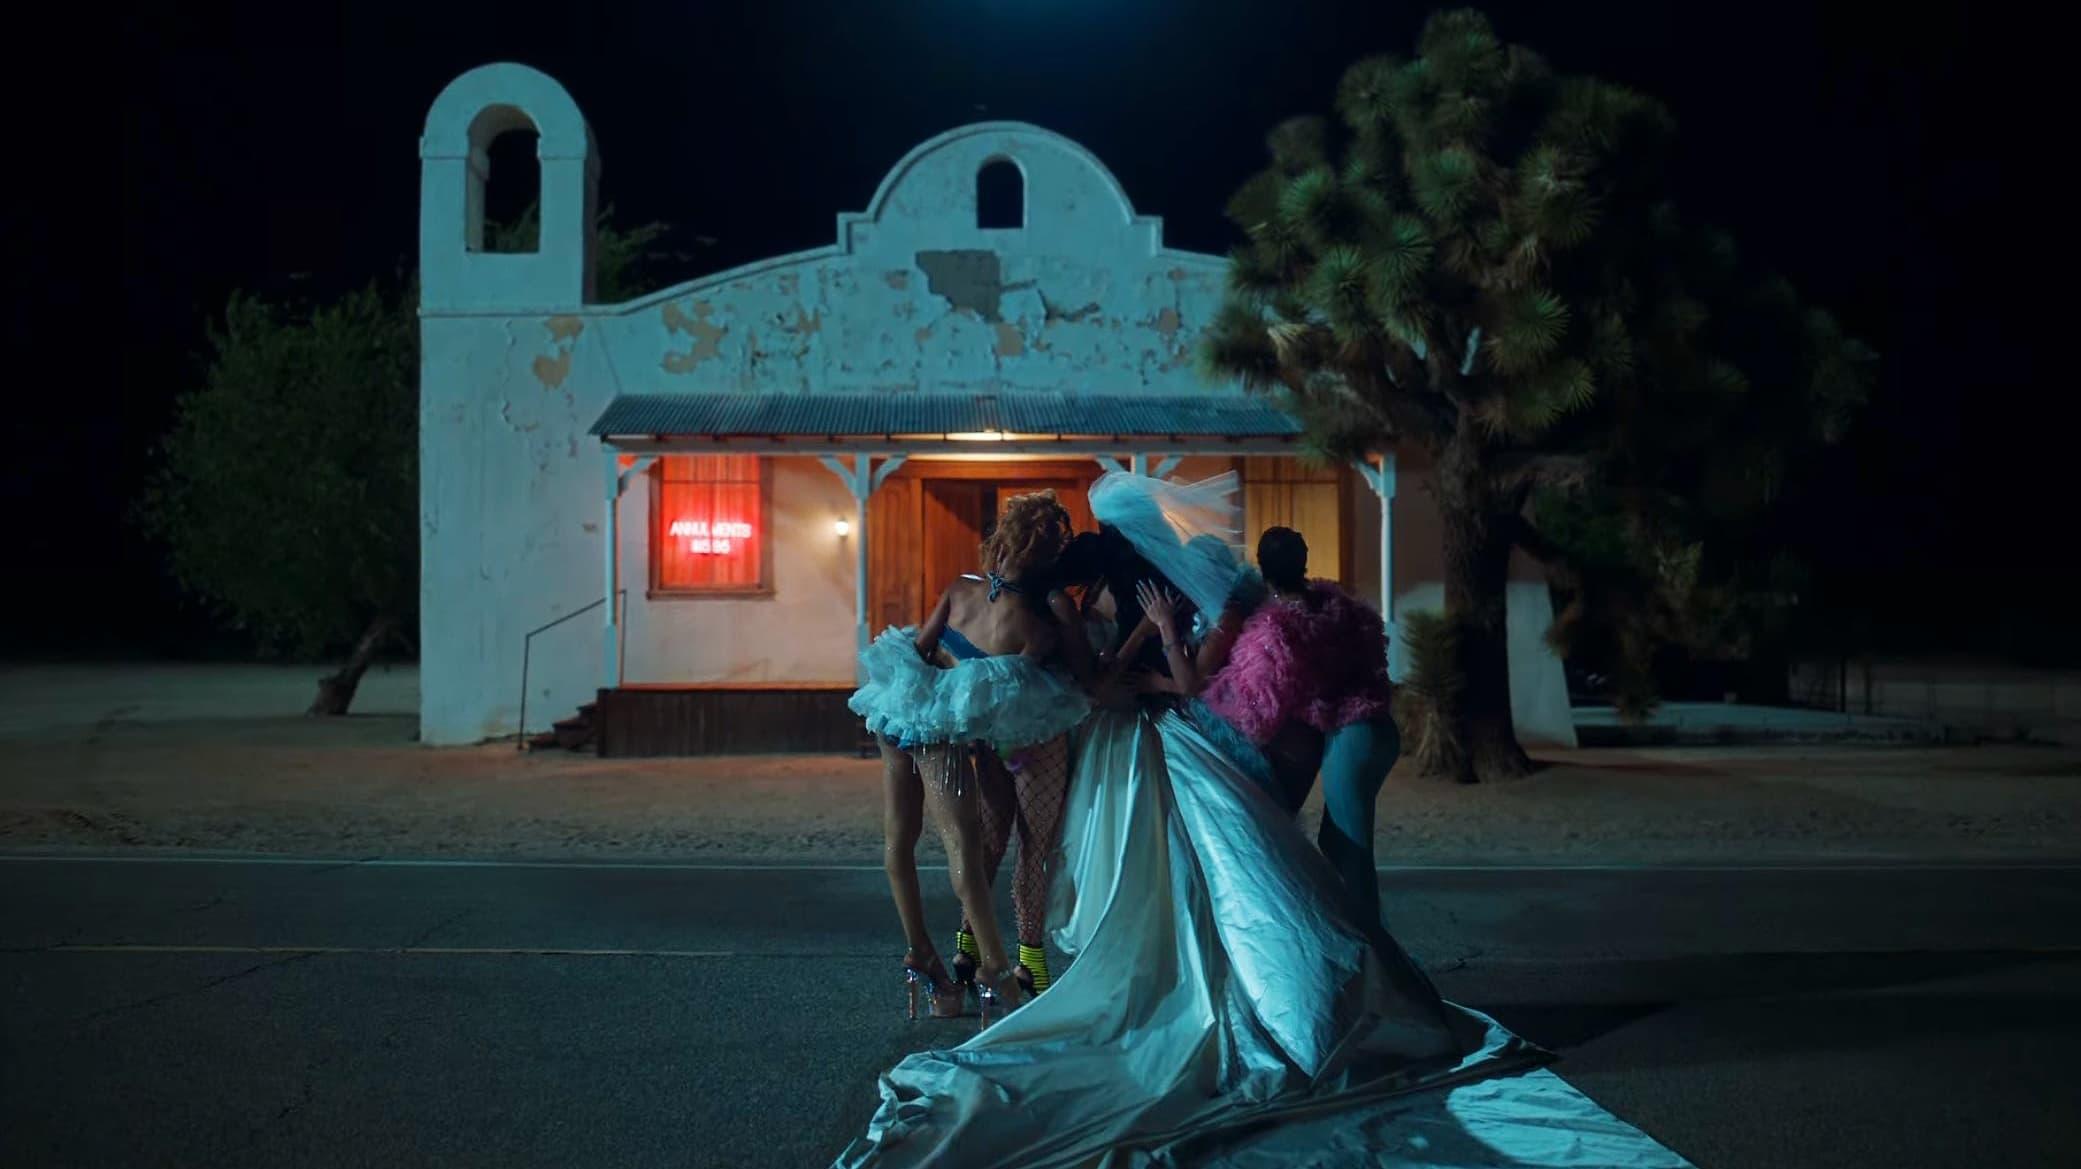 Cena de star-crossed: the film. A imagem mostra um grupo de amigas no meio de uma rua, durante a noite, em frente à uma igreja antiga. O grupo de amigas está de costas para a câmera, que fotografa de frente a igreja. Todas elas usam roupas extravagantes e coloridas, abraçando a personagem de Kacey Musgraves ao centro, vestida de noiva. A igreja é pequena e branca, com a pintura descascando, e tem uma porta no meio e janelas nas laterais, por onde brilha uma luz alaranjada. Na frente da igreja, em uma calçada de pedras, existe uma árvore.